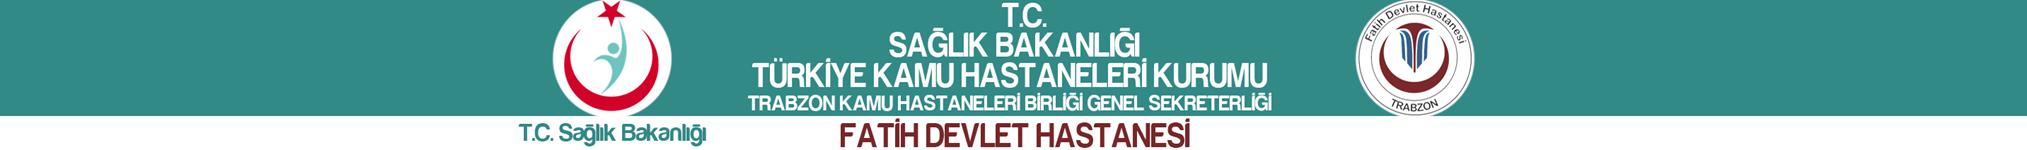 Gov.TR Devlet Sitesinden Ücretsiz Backlink Alma [ DoFollow ]